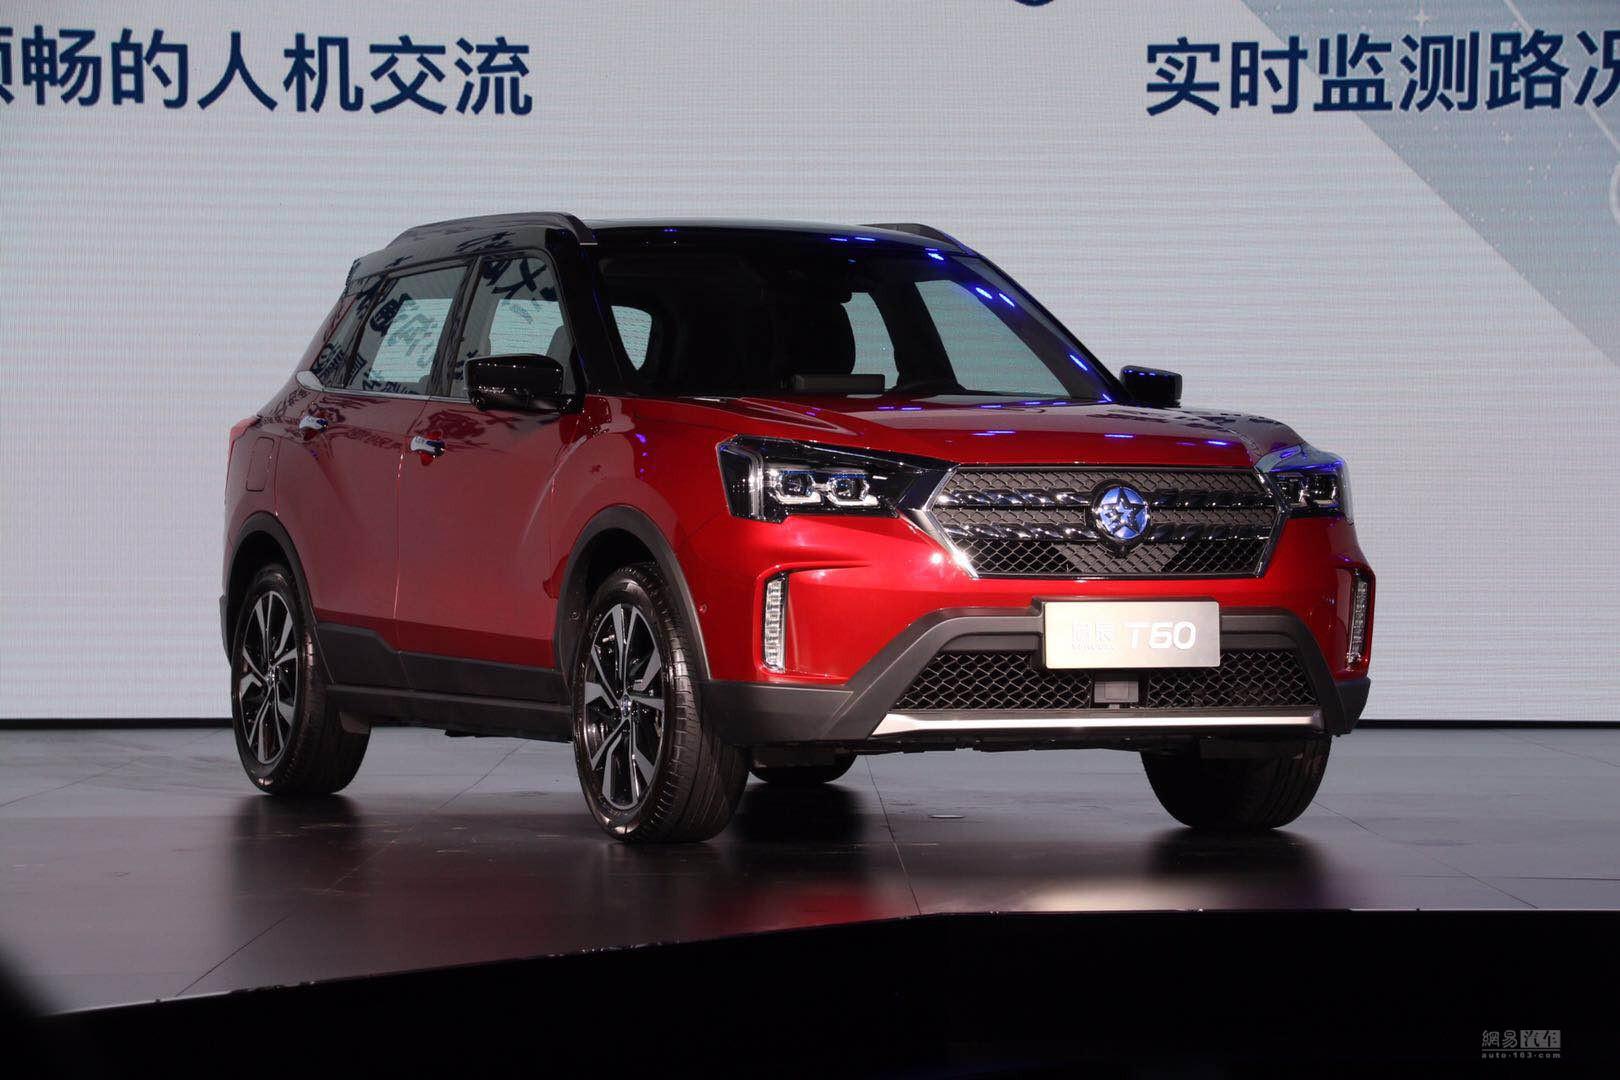 全新小型SUV 东风启辰T60预售9-12万元